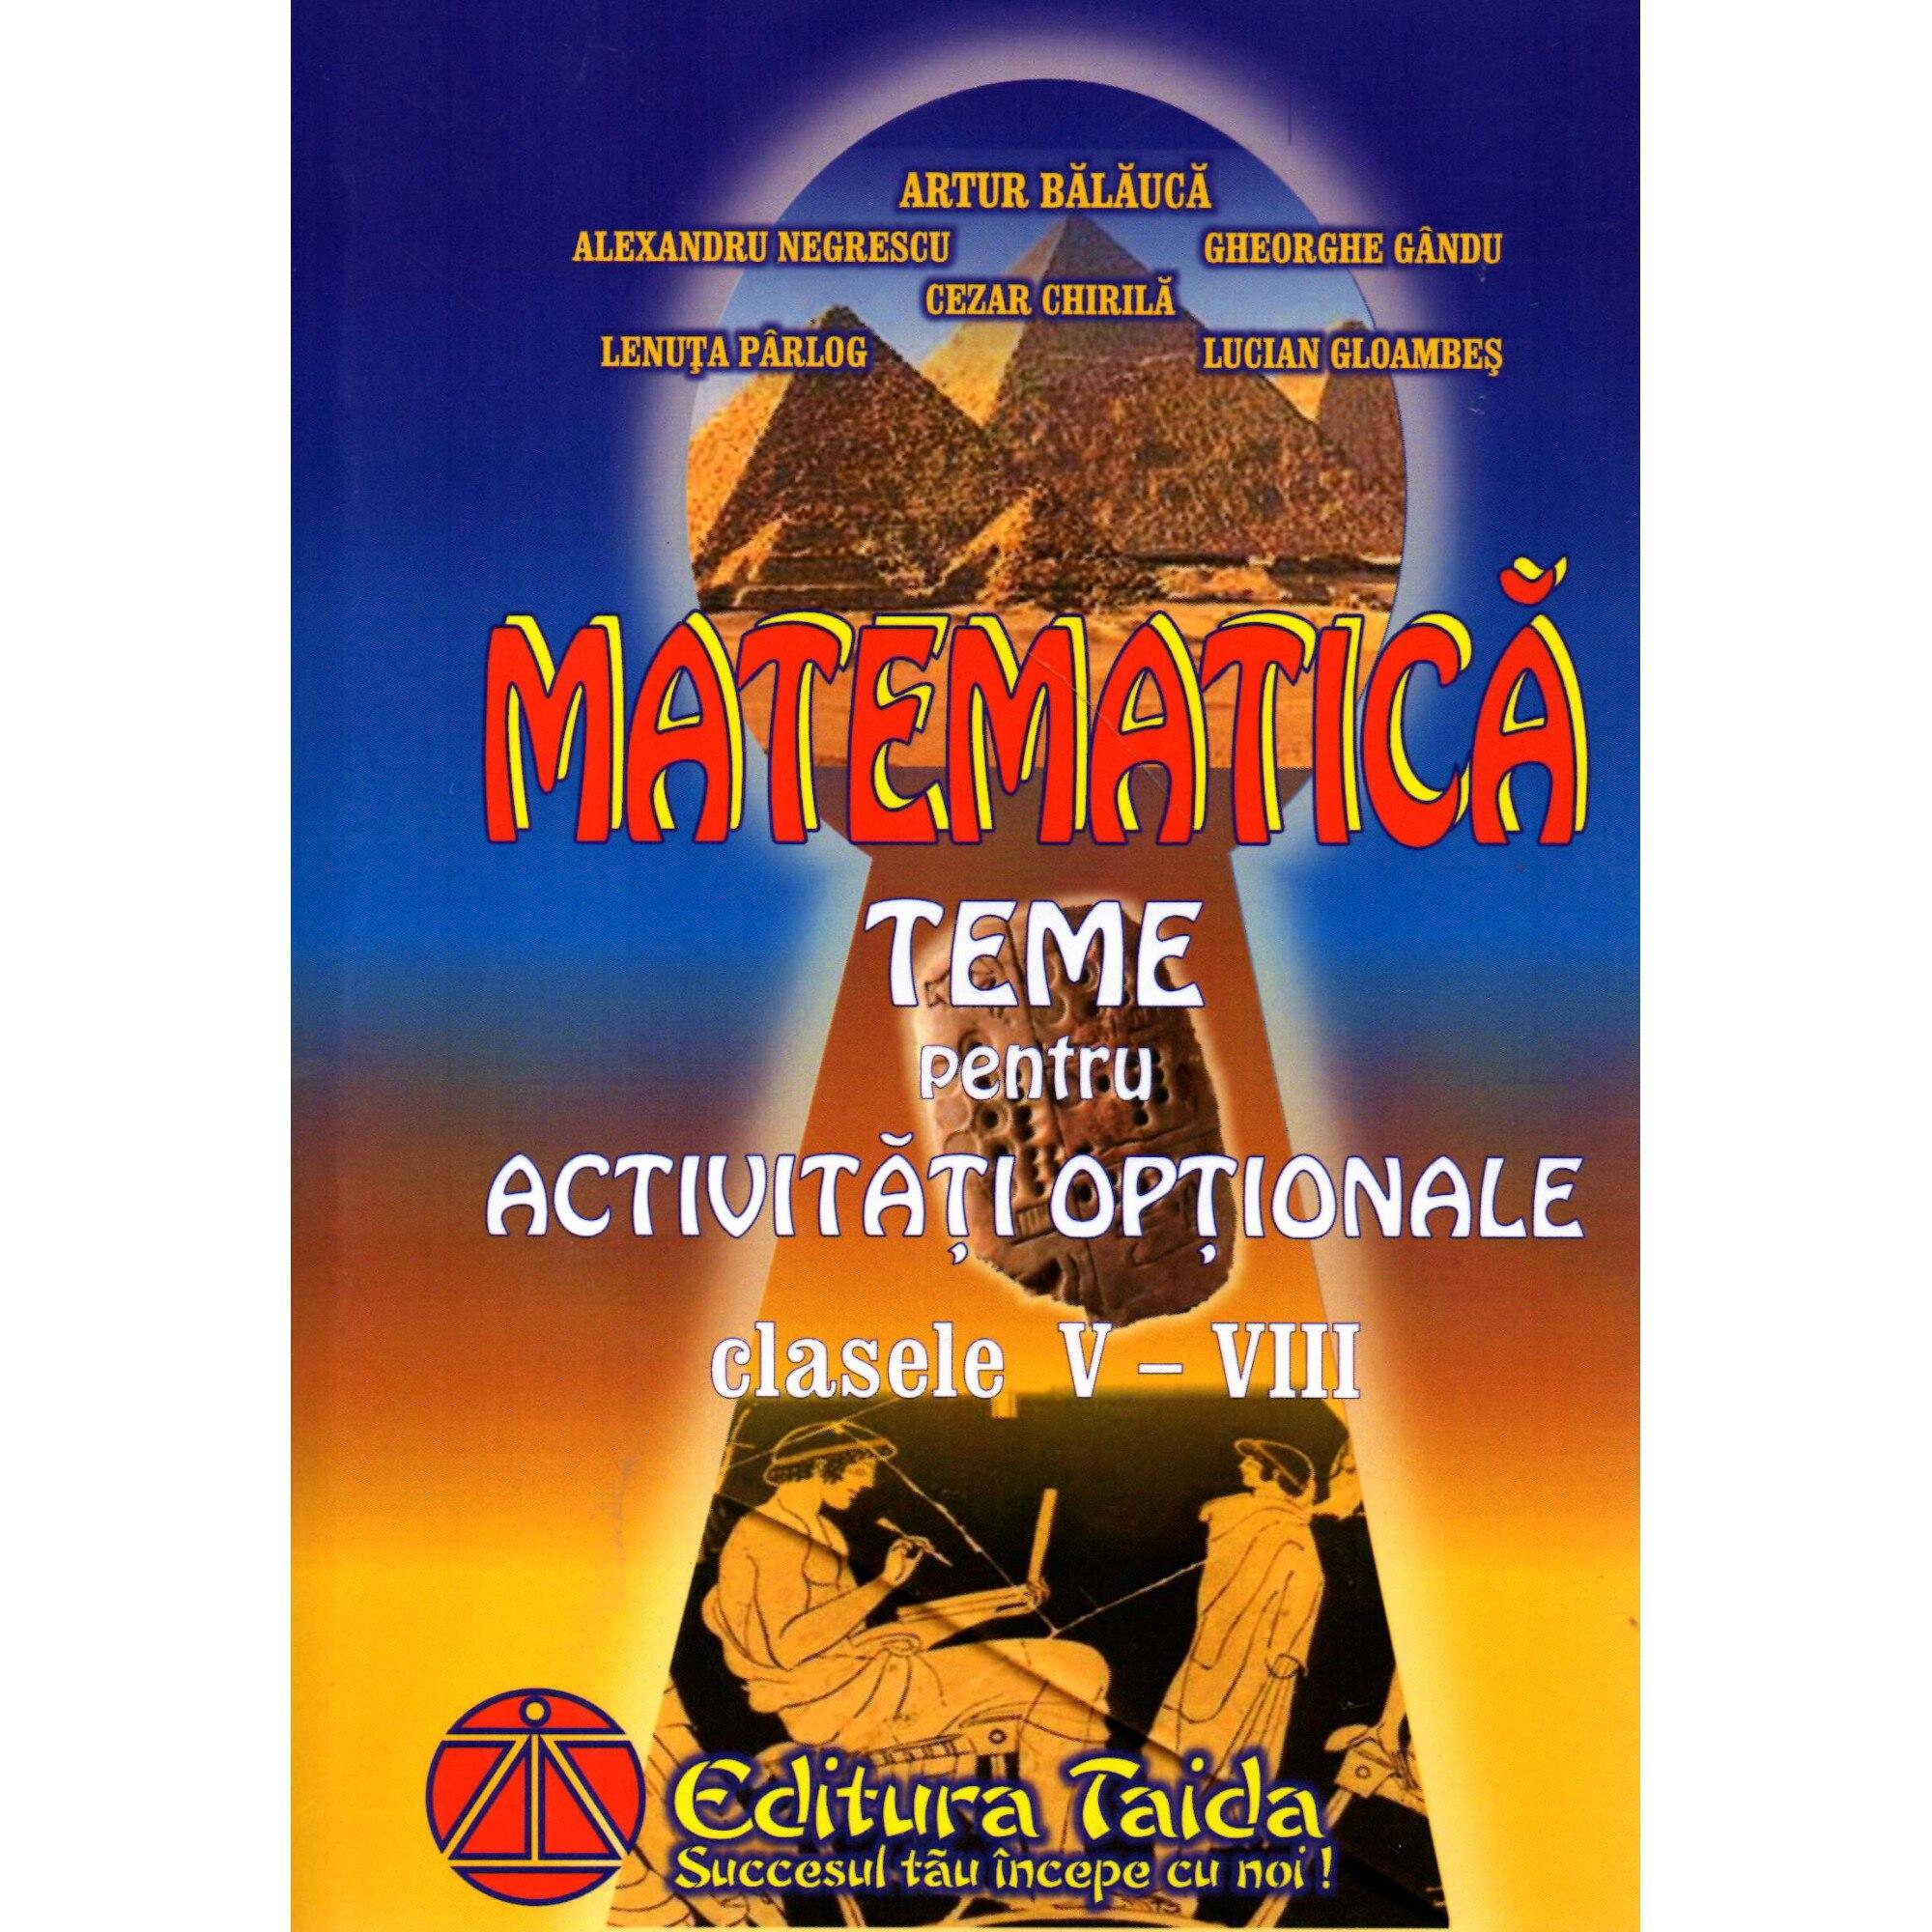 formule opționale)